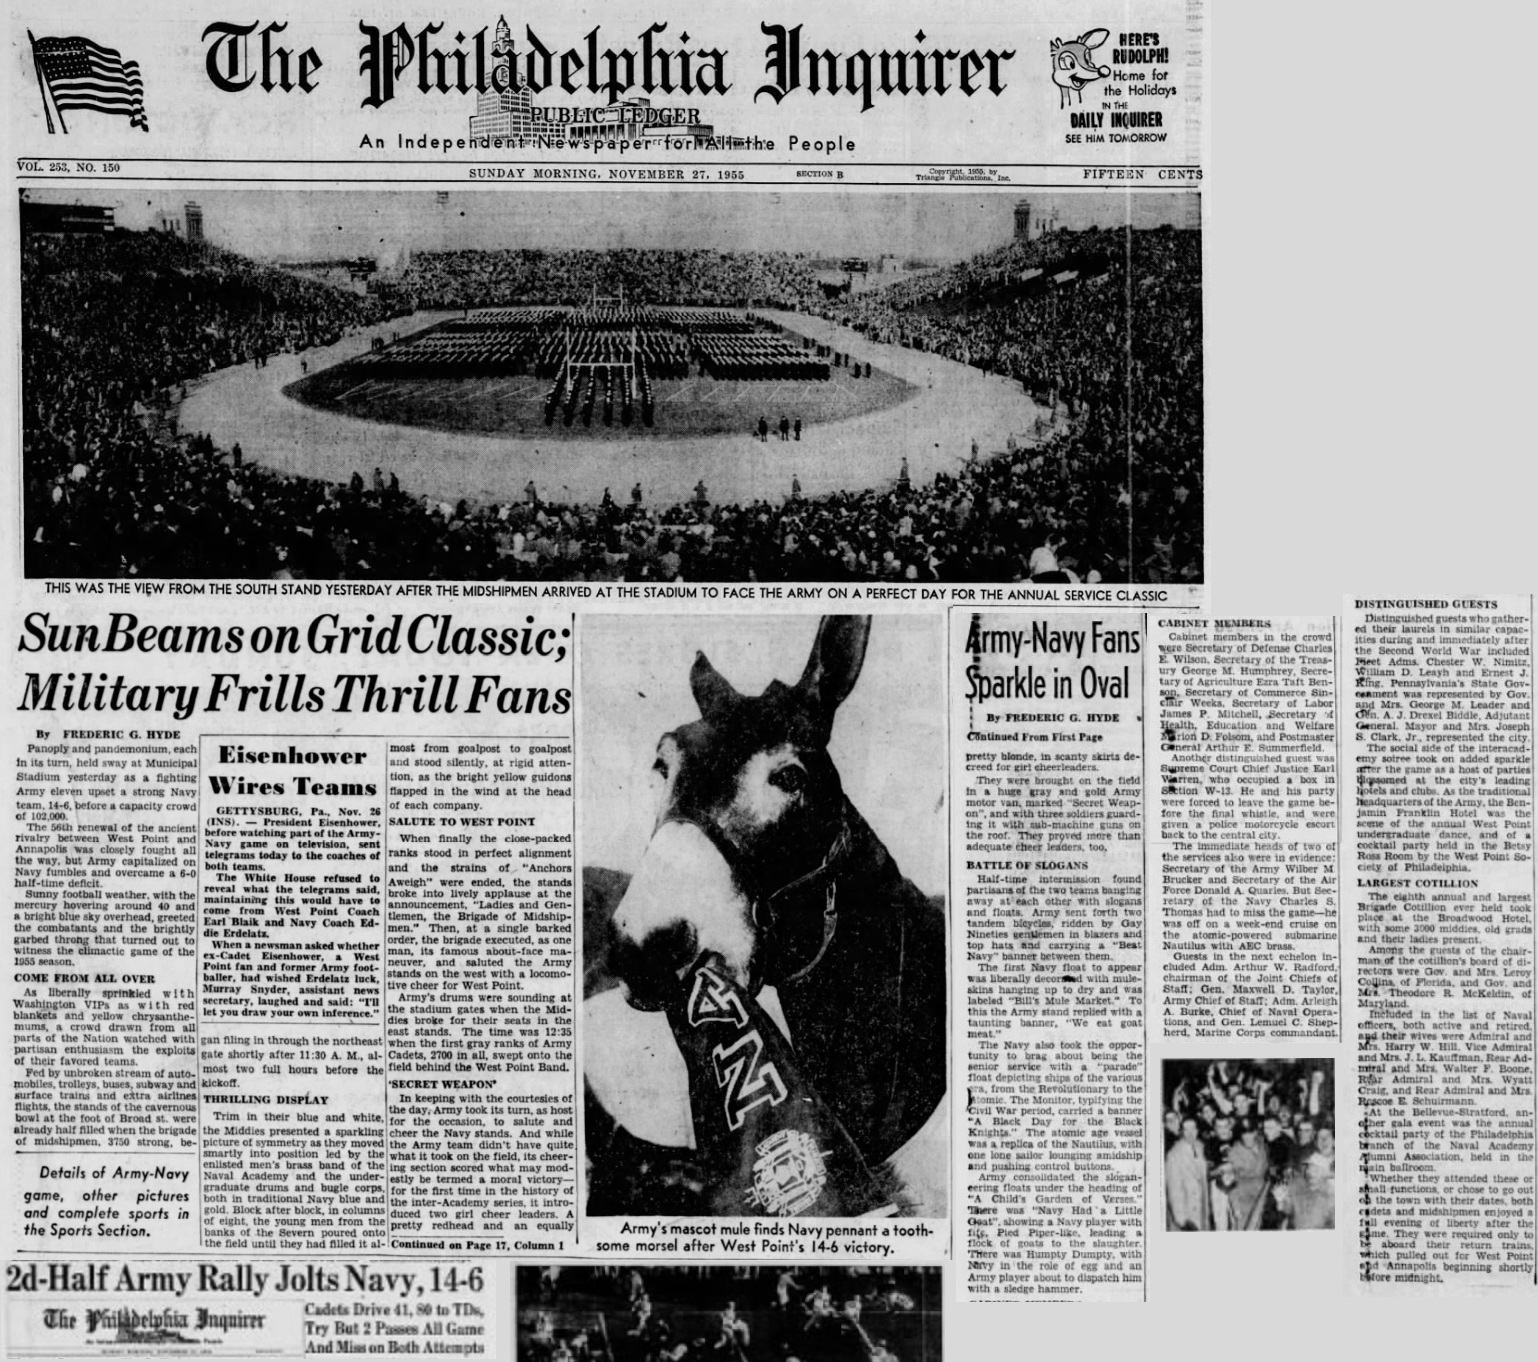 ArmyFB_1955_vsNavy_PhiladelphiaInquirer_Nov271955